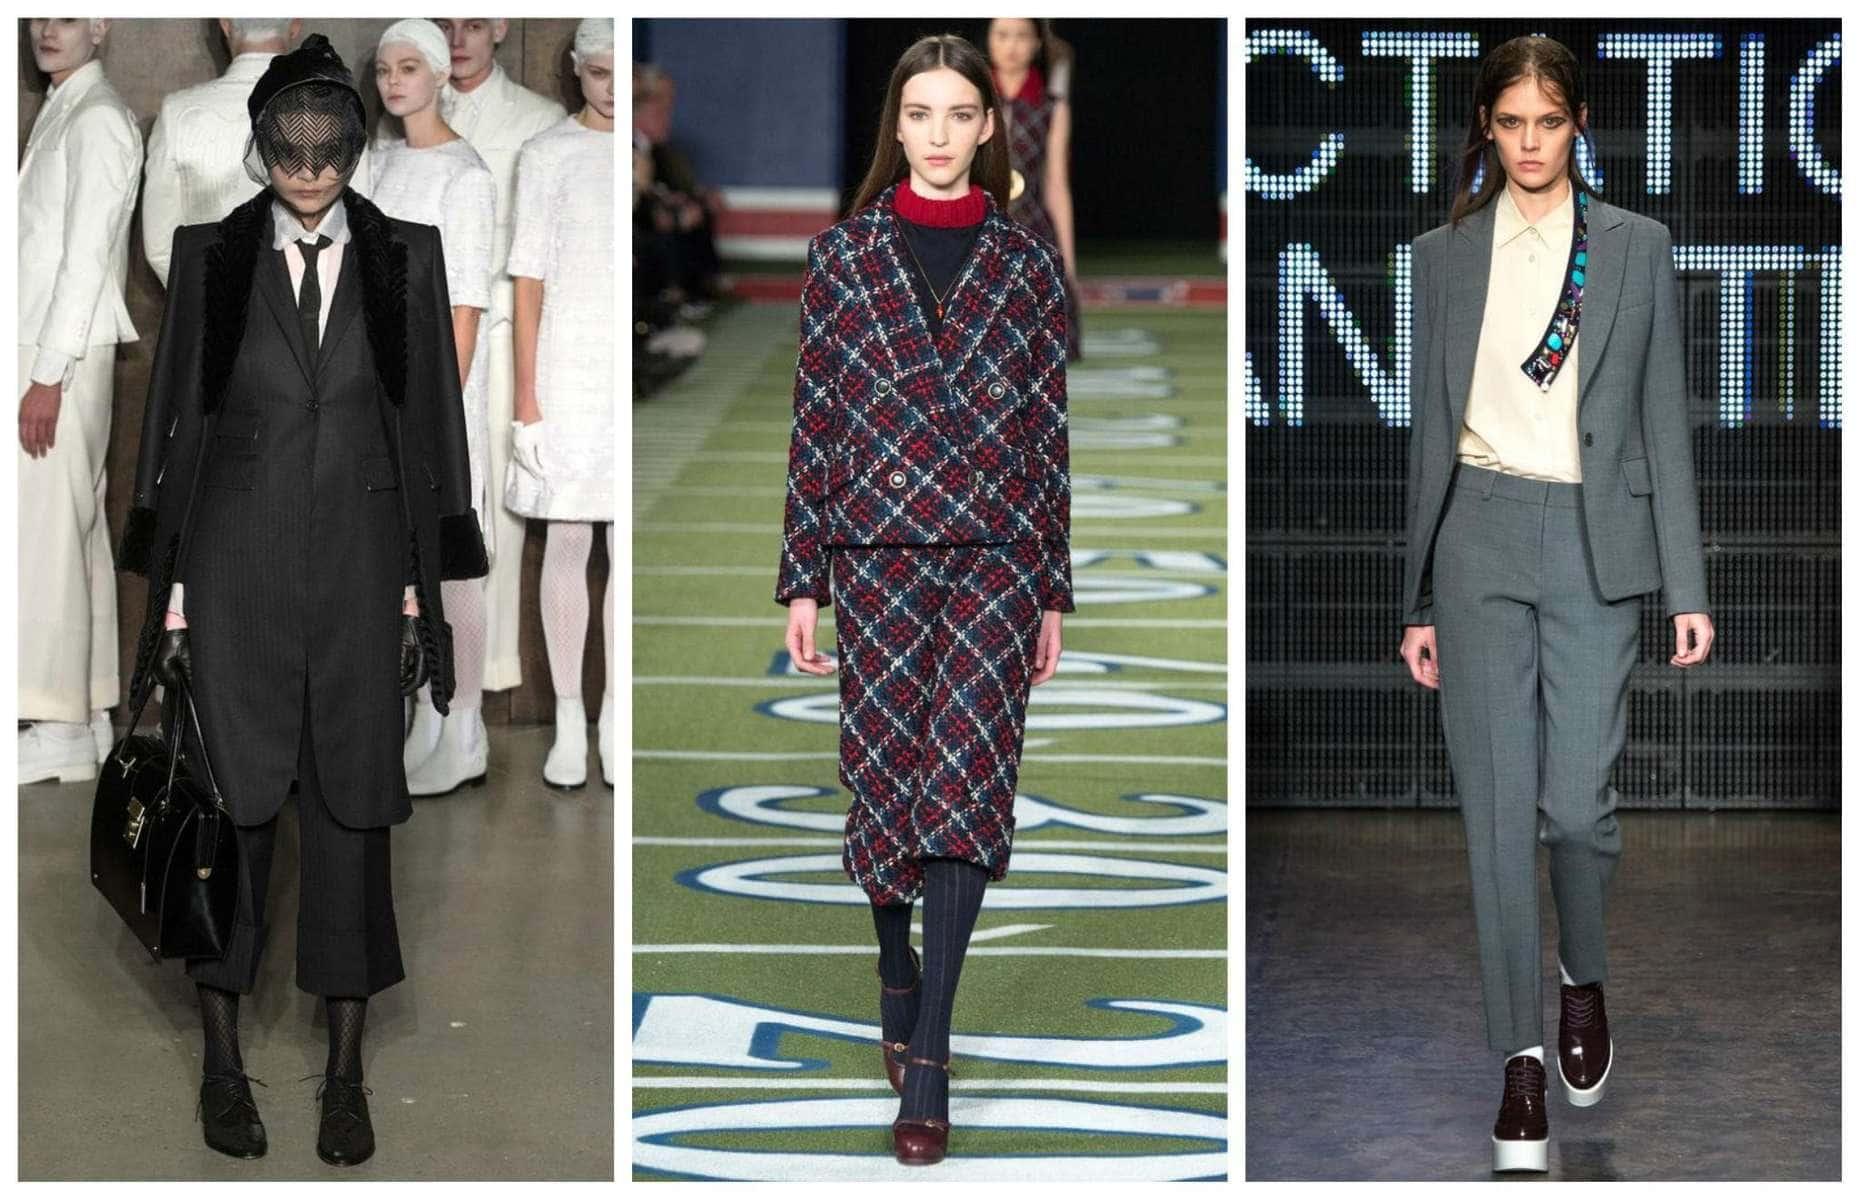 AW15 RTW Trends Menswear